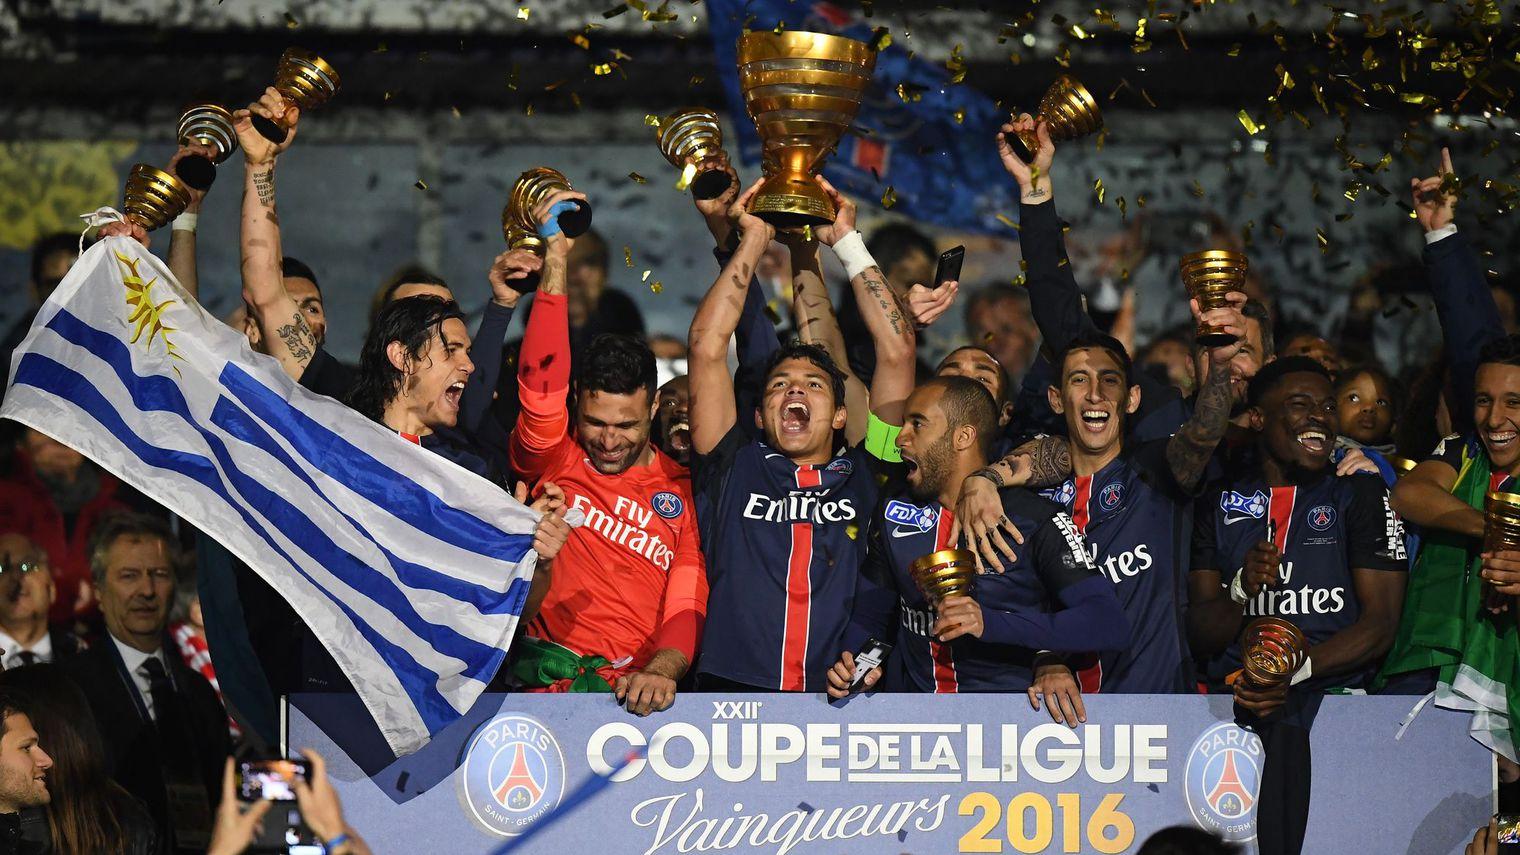 Les champions des meilleurs championnats europ ens de football 2016 - Coupe de la ligue 2013 2014 ...